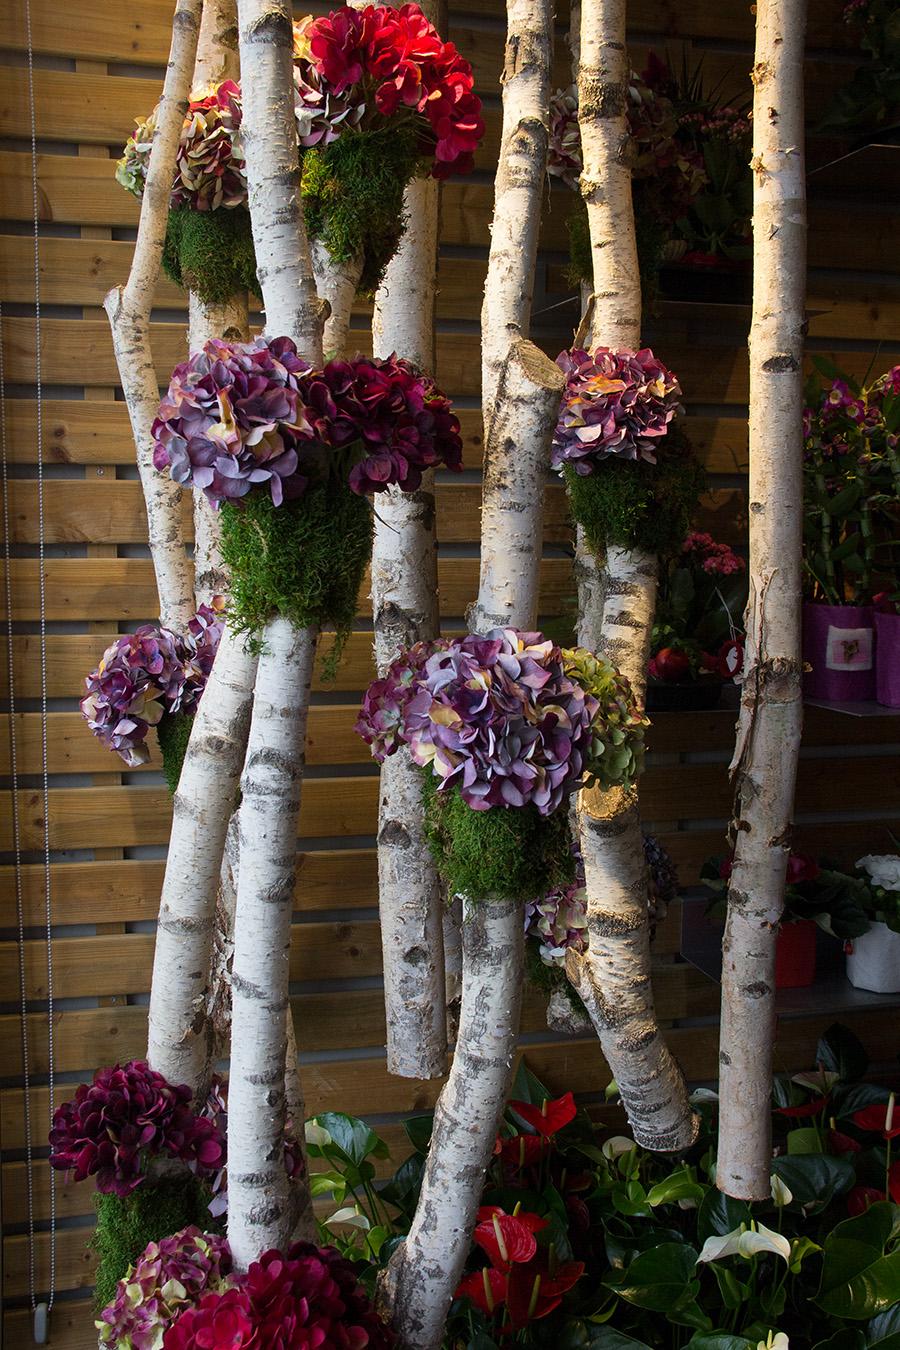 symphonie-florale-automne-hortensias